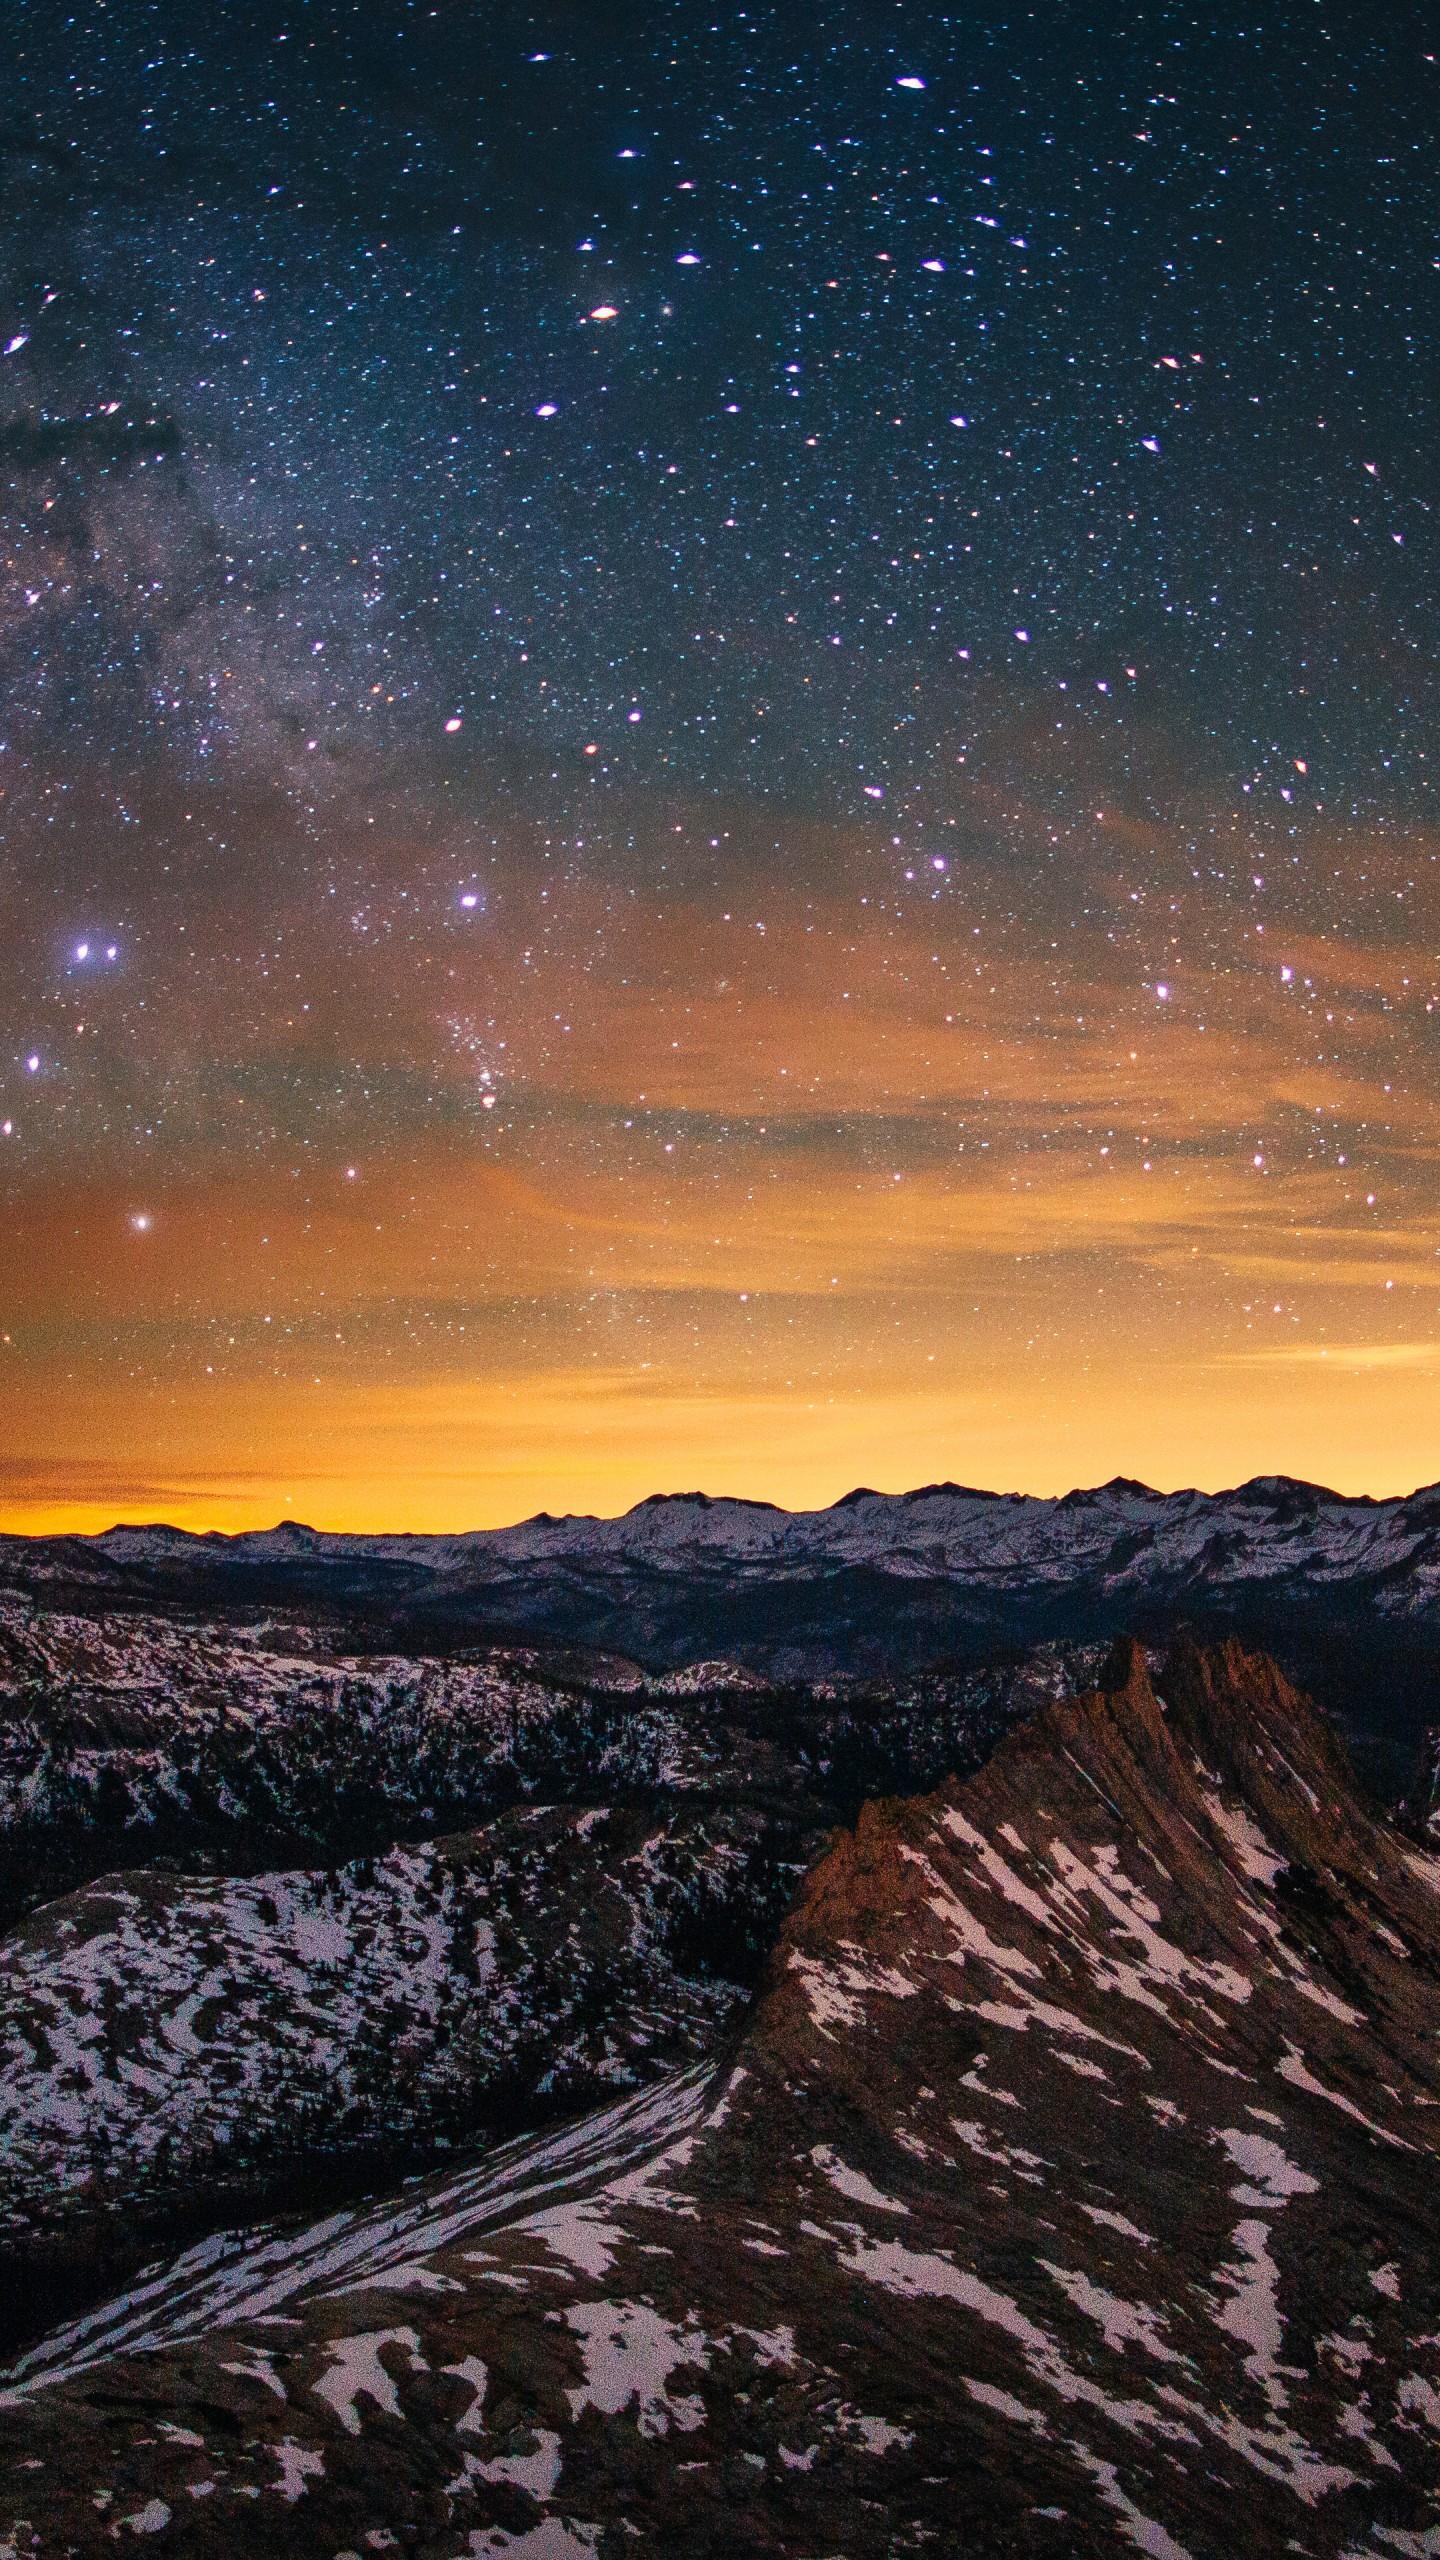 Wallpaper Yosemite, 5k, 4k Wallpaper, 8k, Forest, Stars